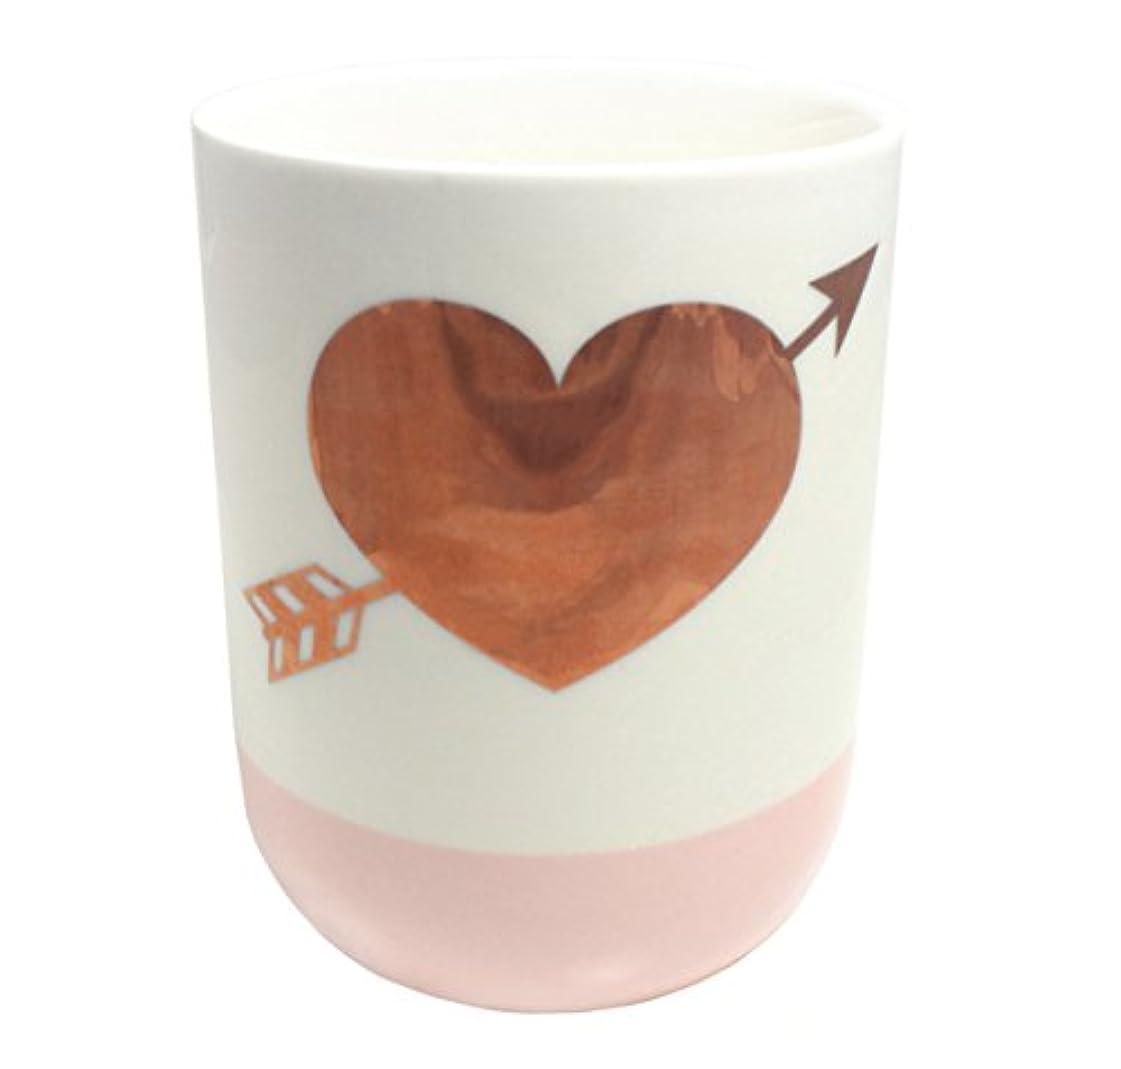 黙社交的乗り出す2つの会社10.5-oz GildedハートローズScented Candle ;ホワイト&ピンク